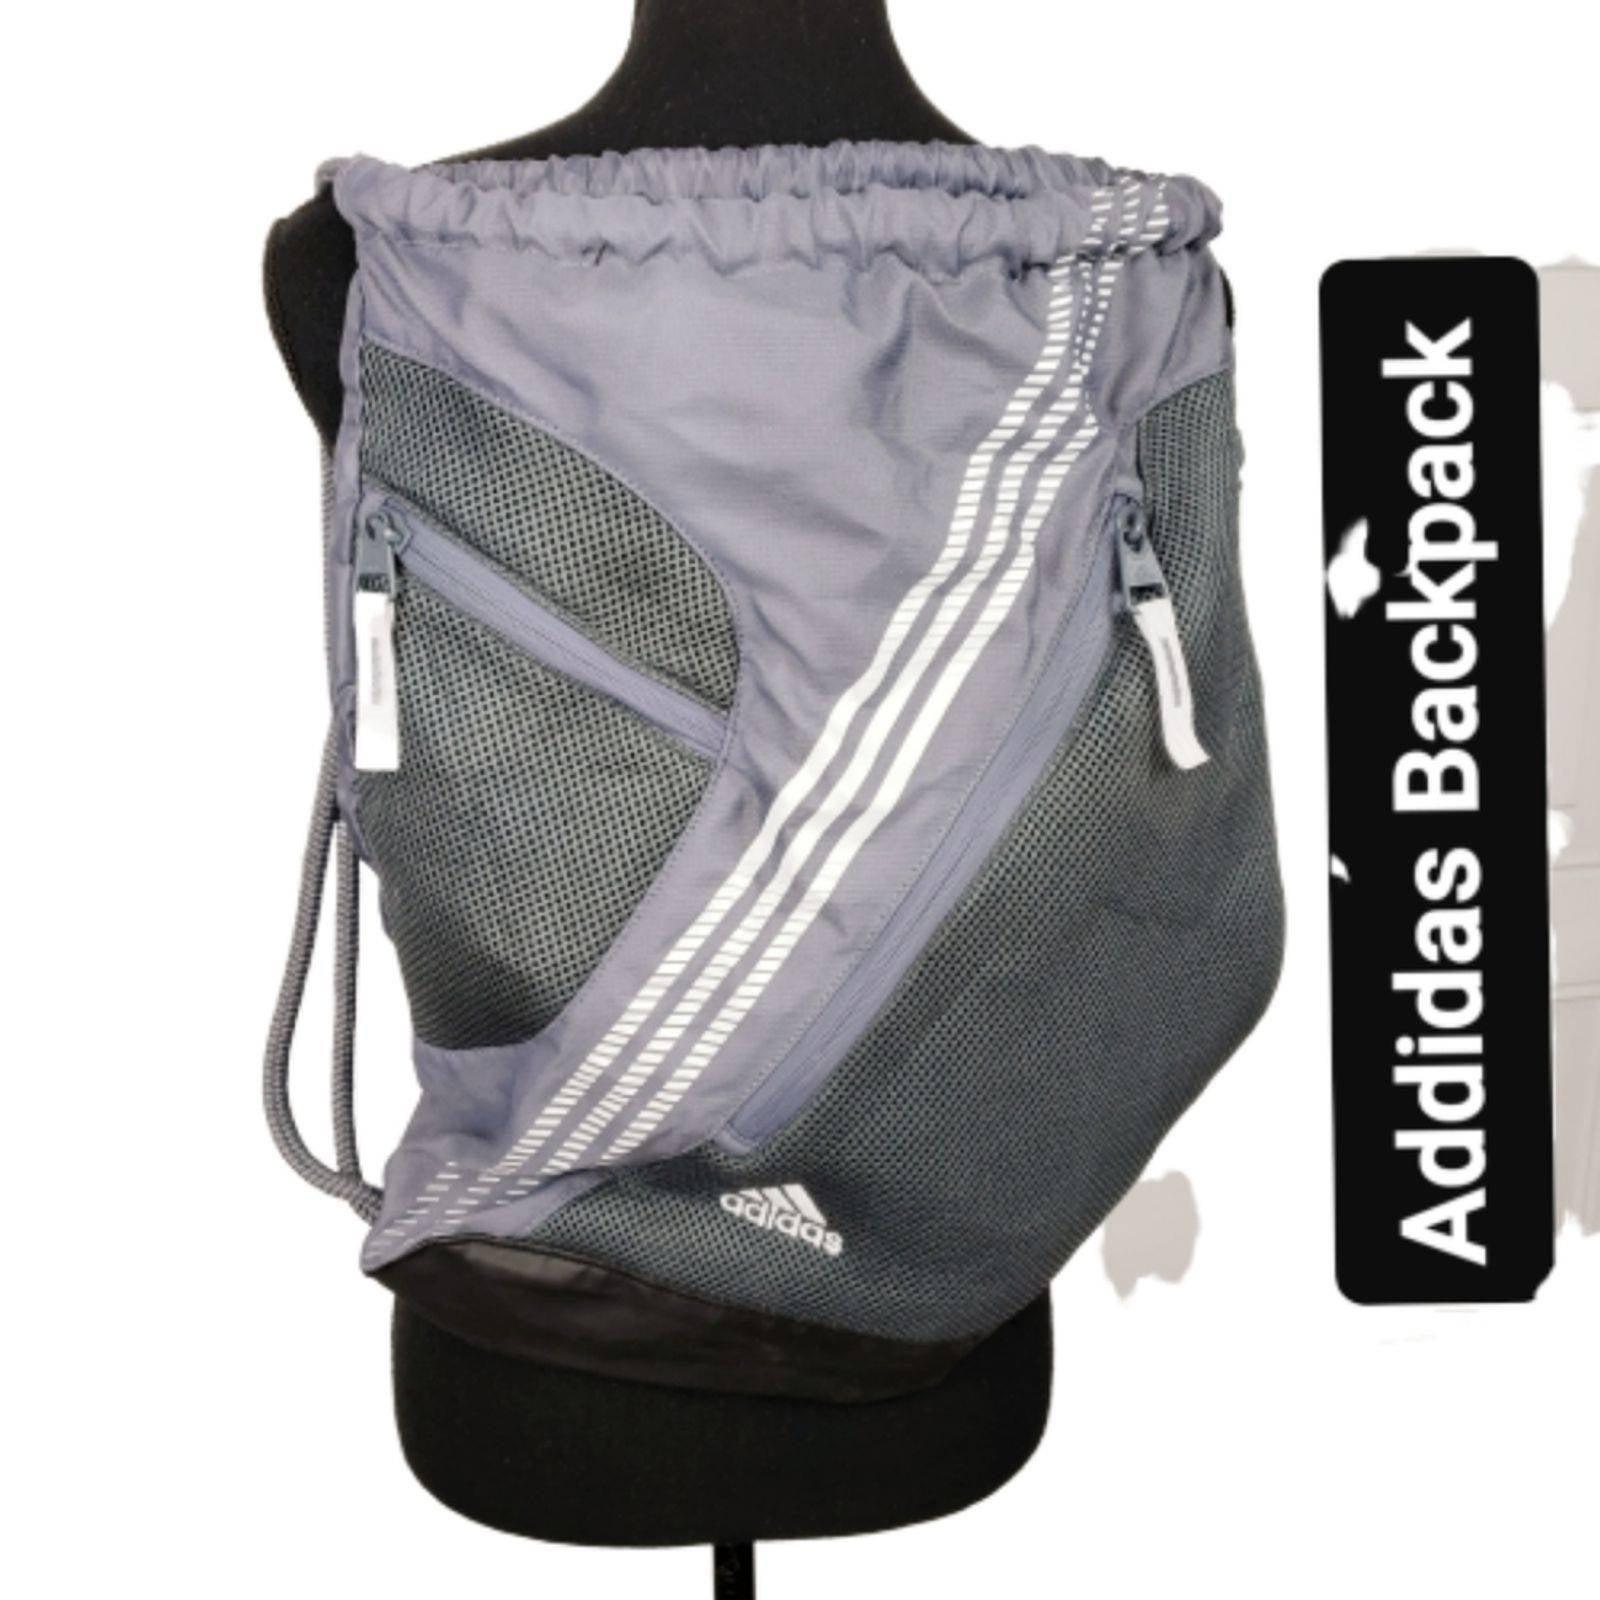 Adidas Backpack Zip Pockets Drawstring